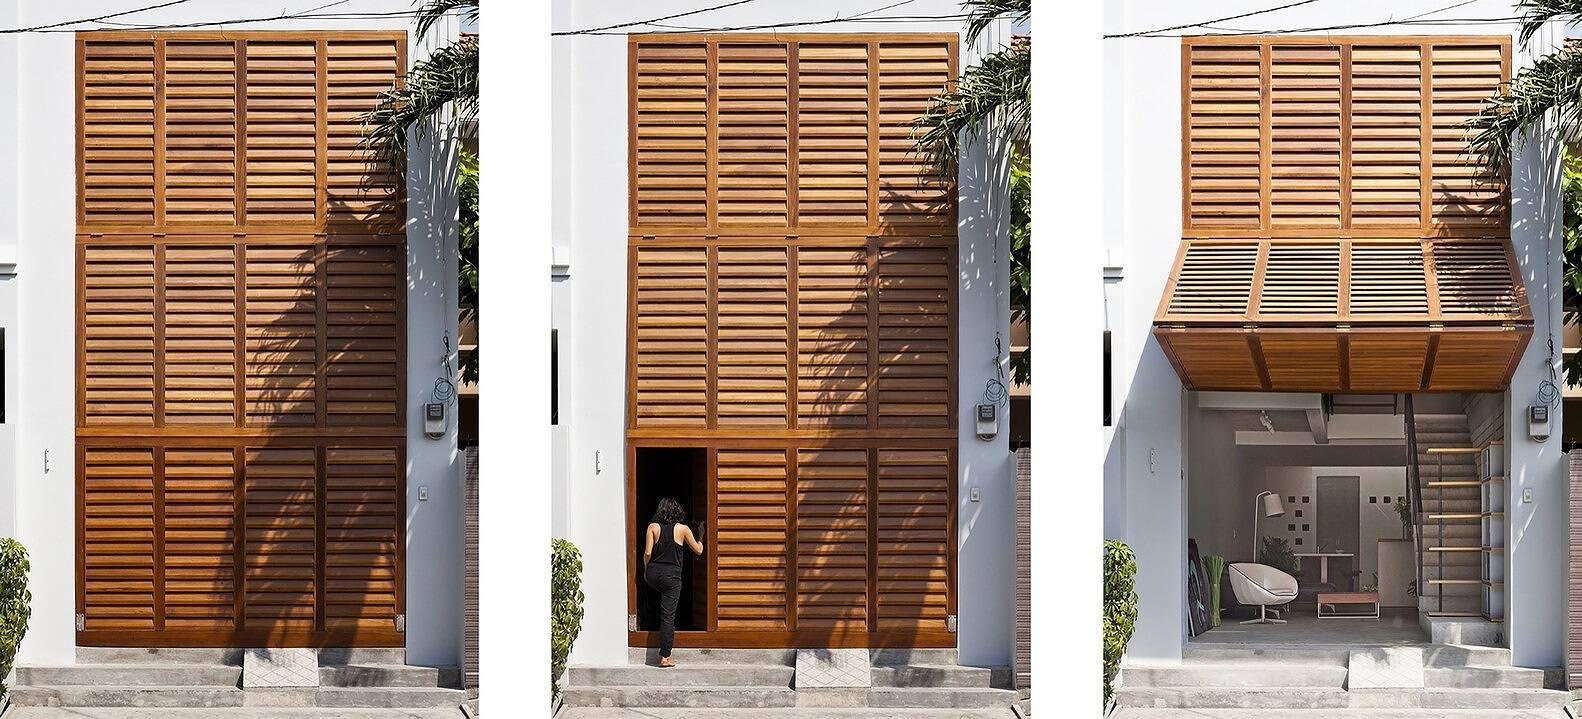 Mẫu cửa chớp gỗ ấn tượng với đa dạng hình thức mở cửa độc đáo